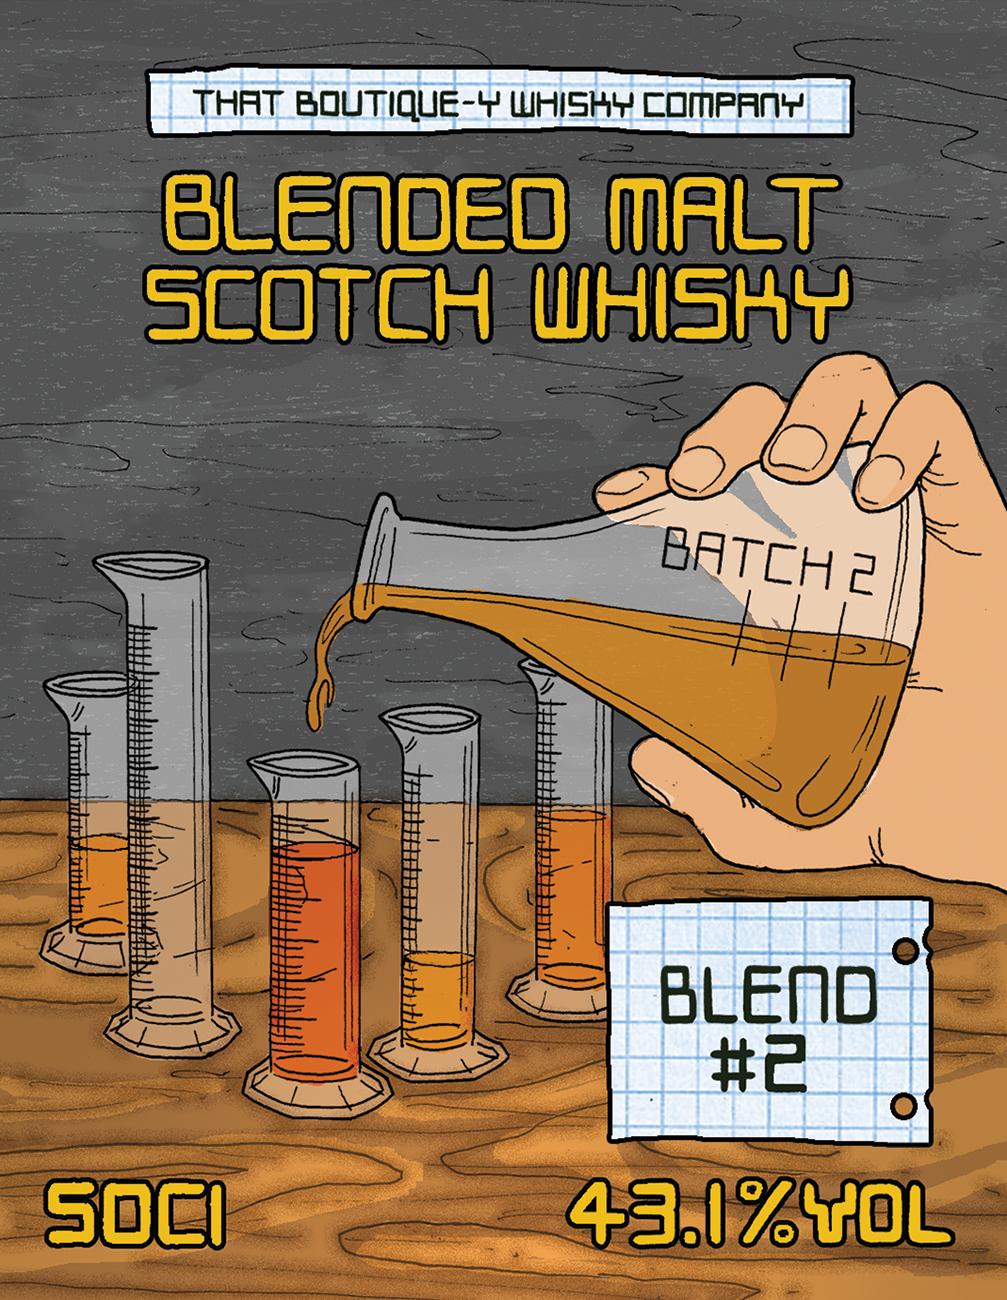 Blended Malt Scotch Whisky 2 B2.jpg